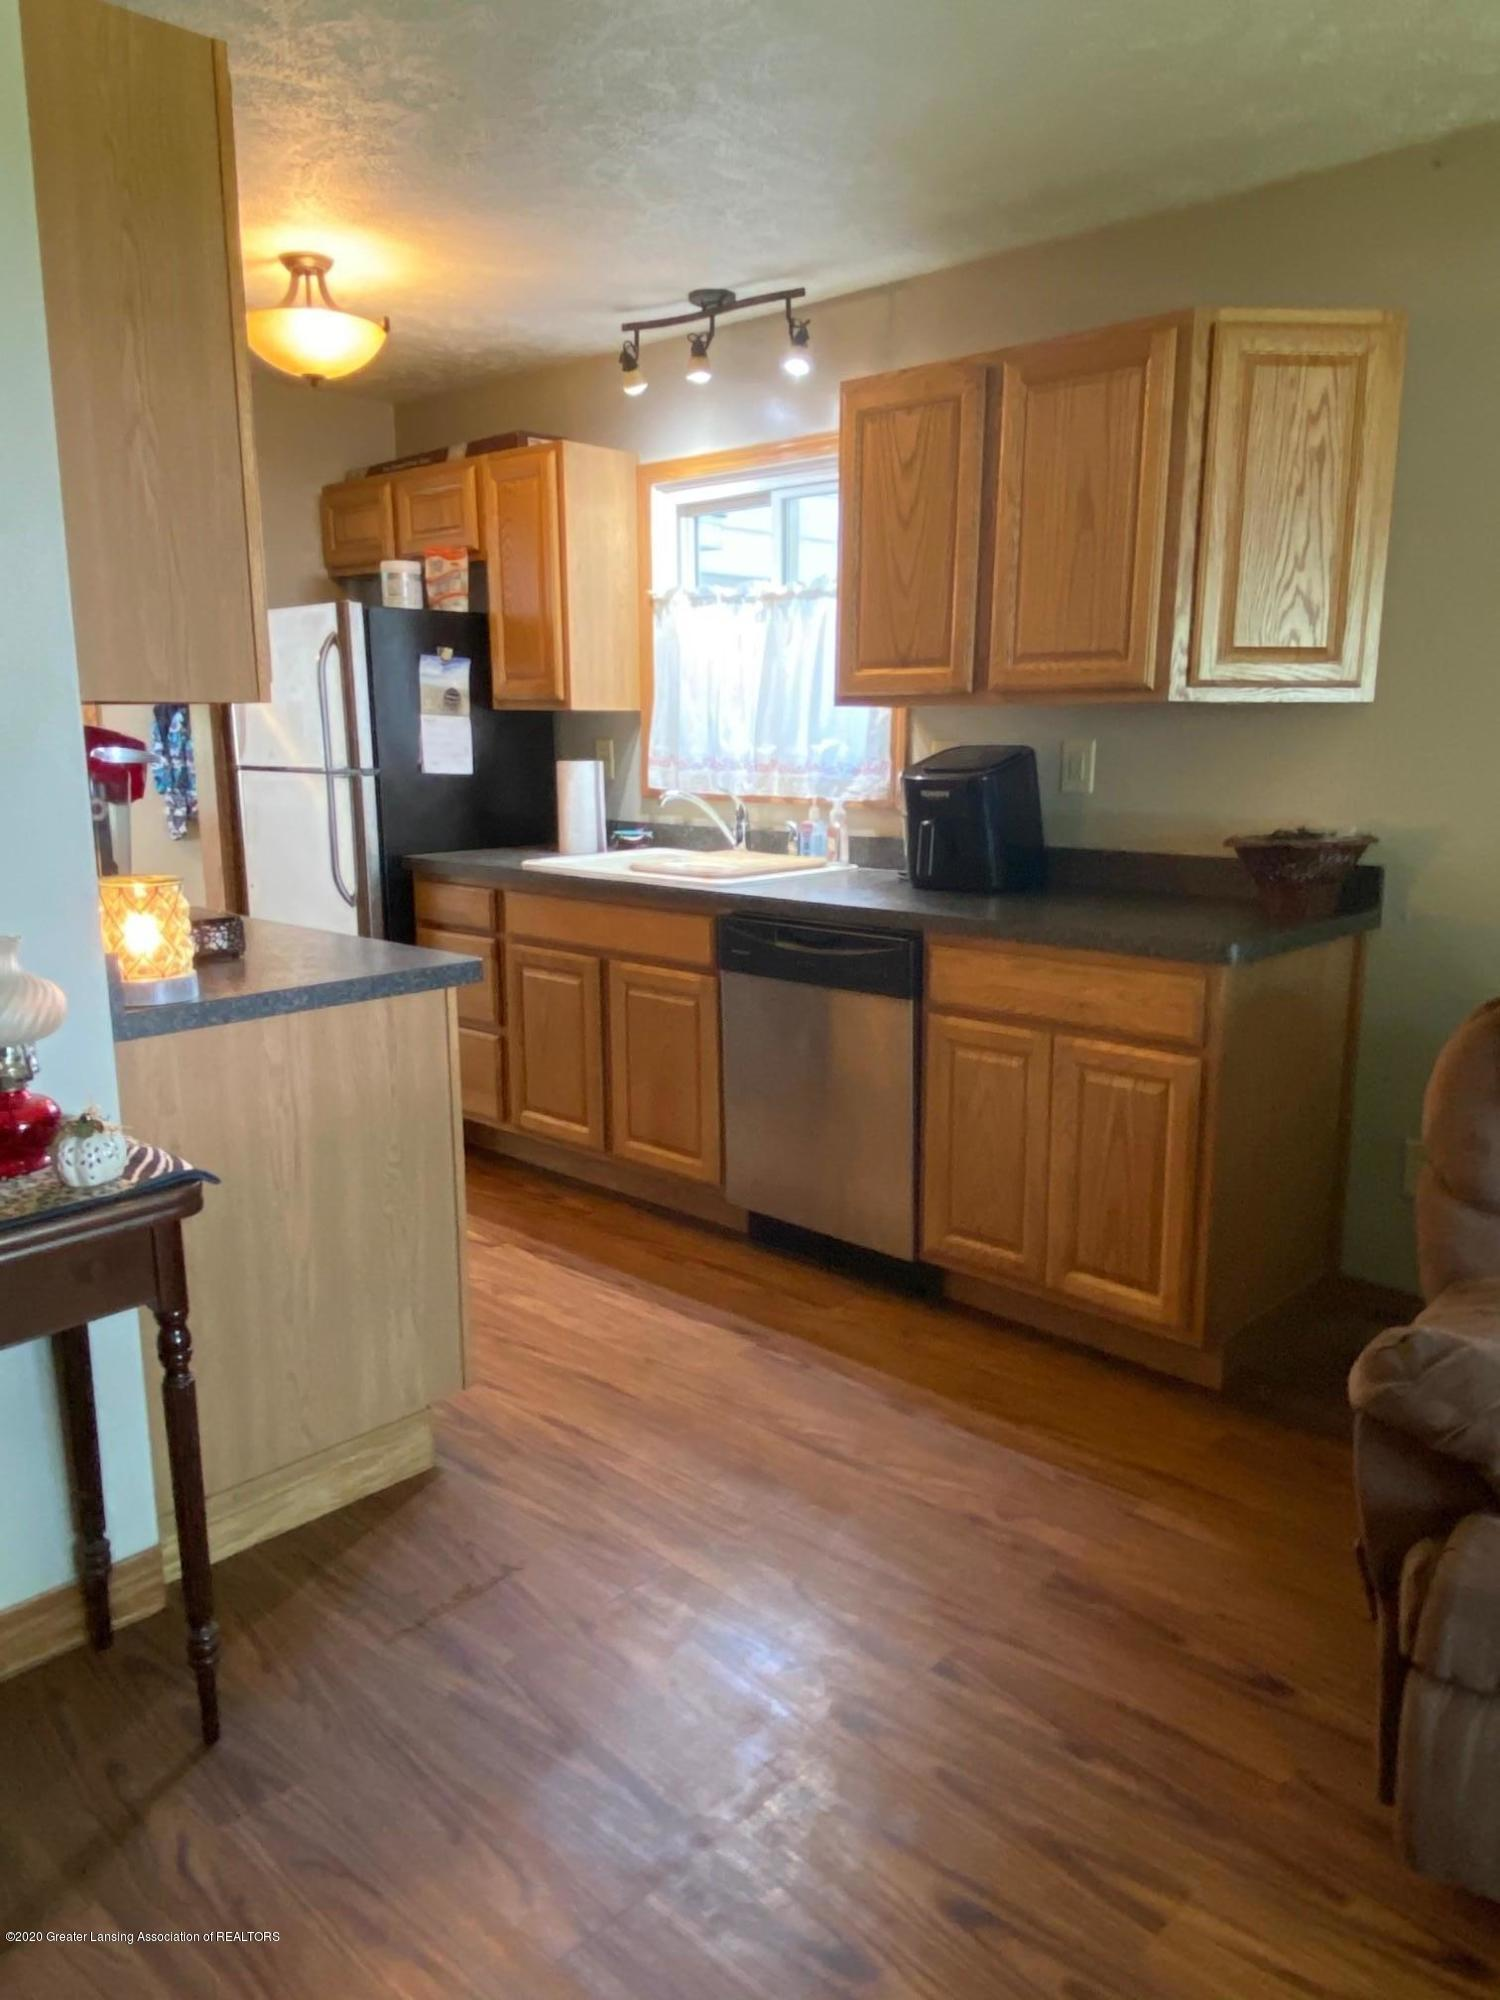 624 E Grand River Rd - Kitchen 3 - 9